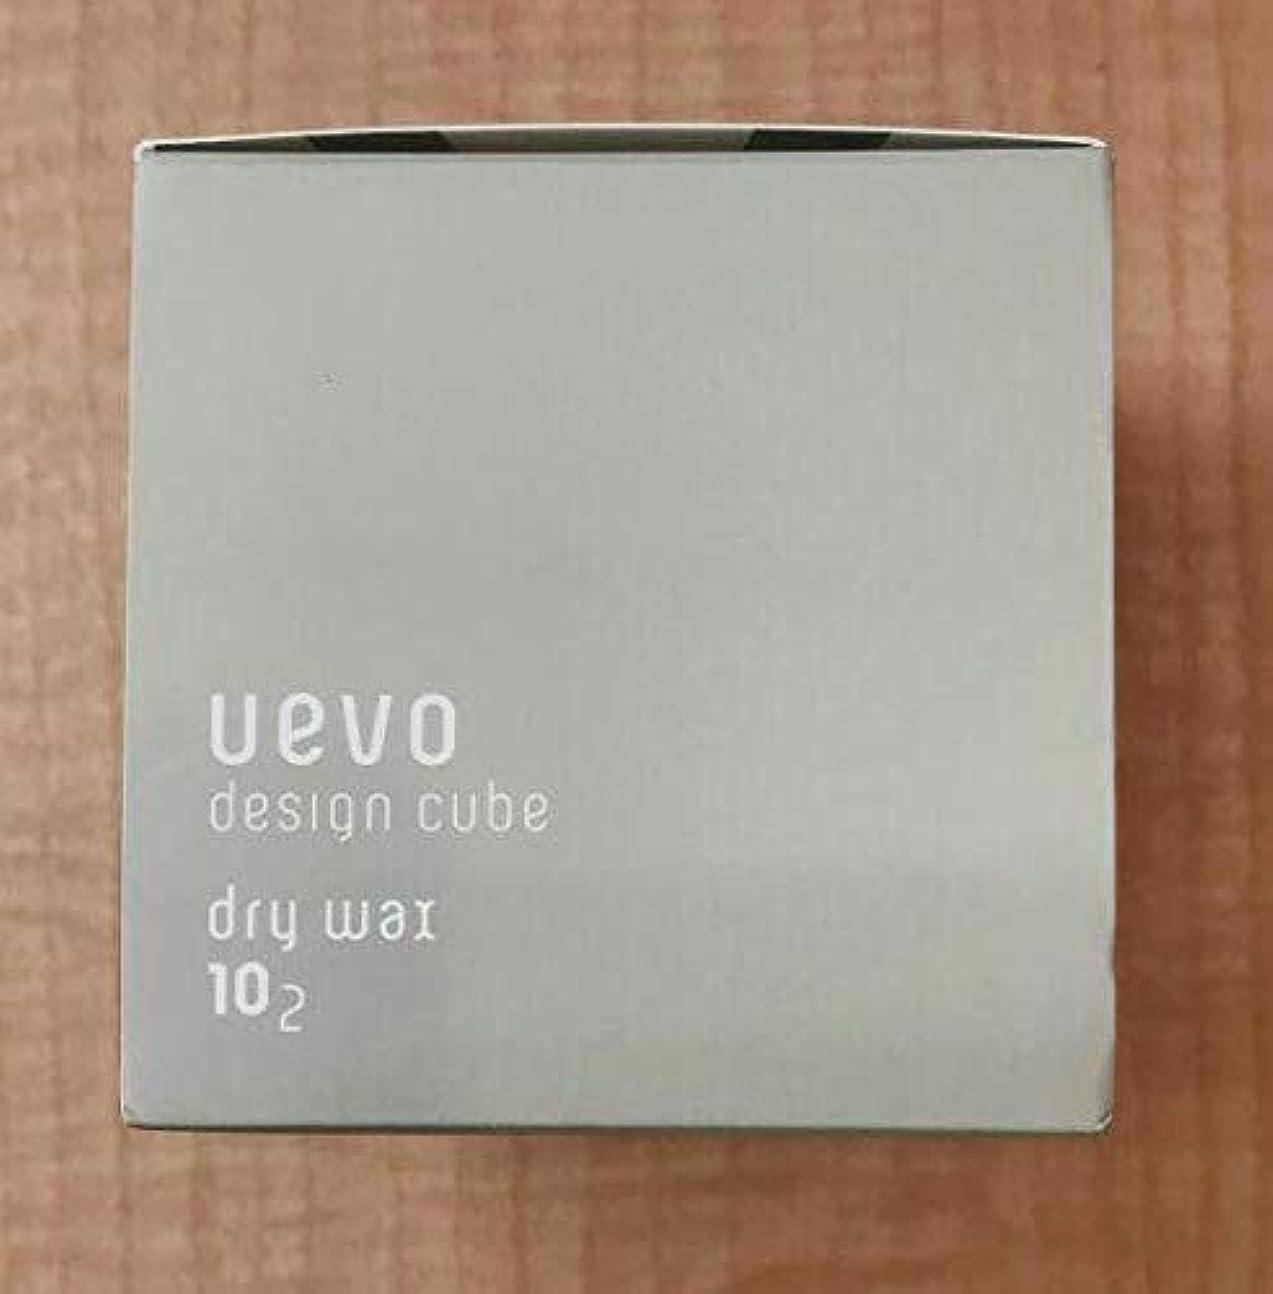 ゴールデン複製差し控える【X2個セット】 デミ ウェーボ デザインキューブ ドライワックス 80g dry wax